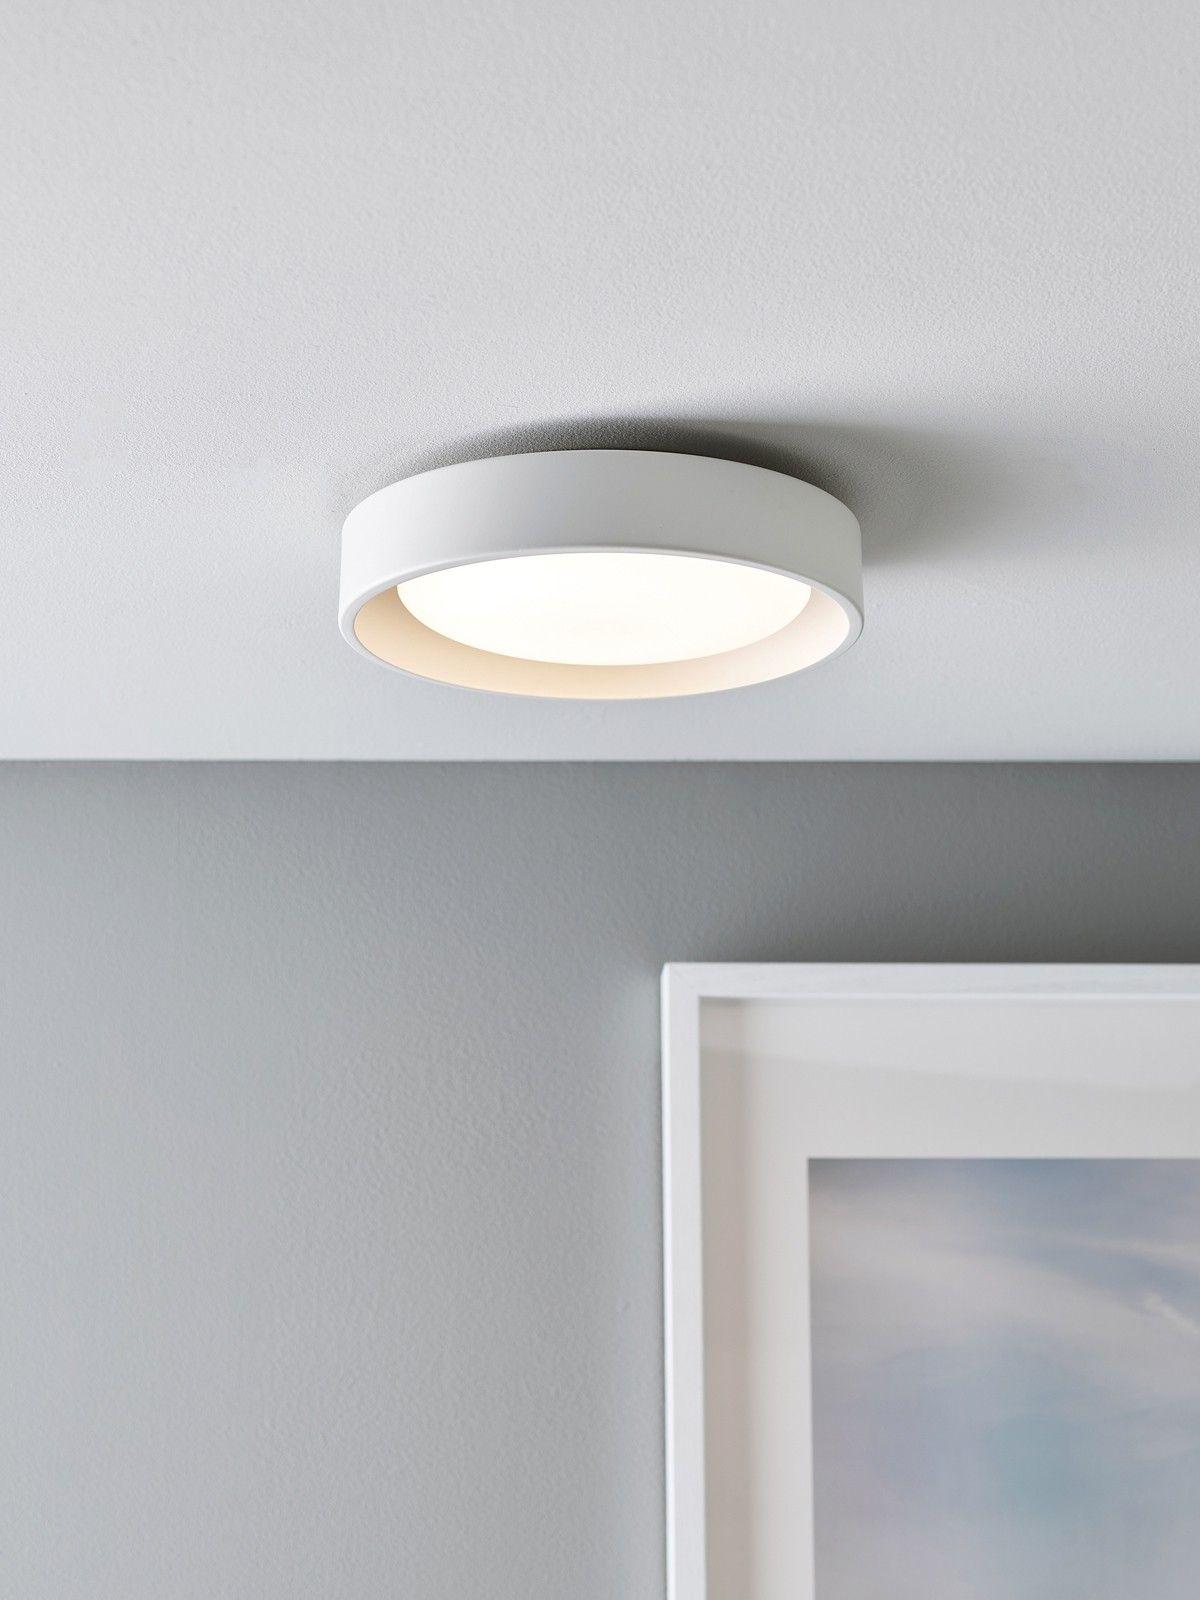 Uno 250mm 1 Light Flush Mount In White Flush Mount Ceiling Lights Modern Flush Mount Ceiling Light Ceiling Lights